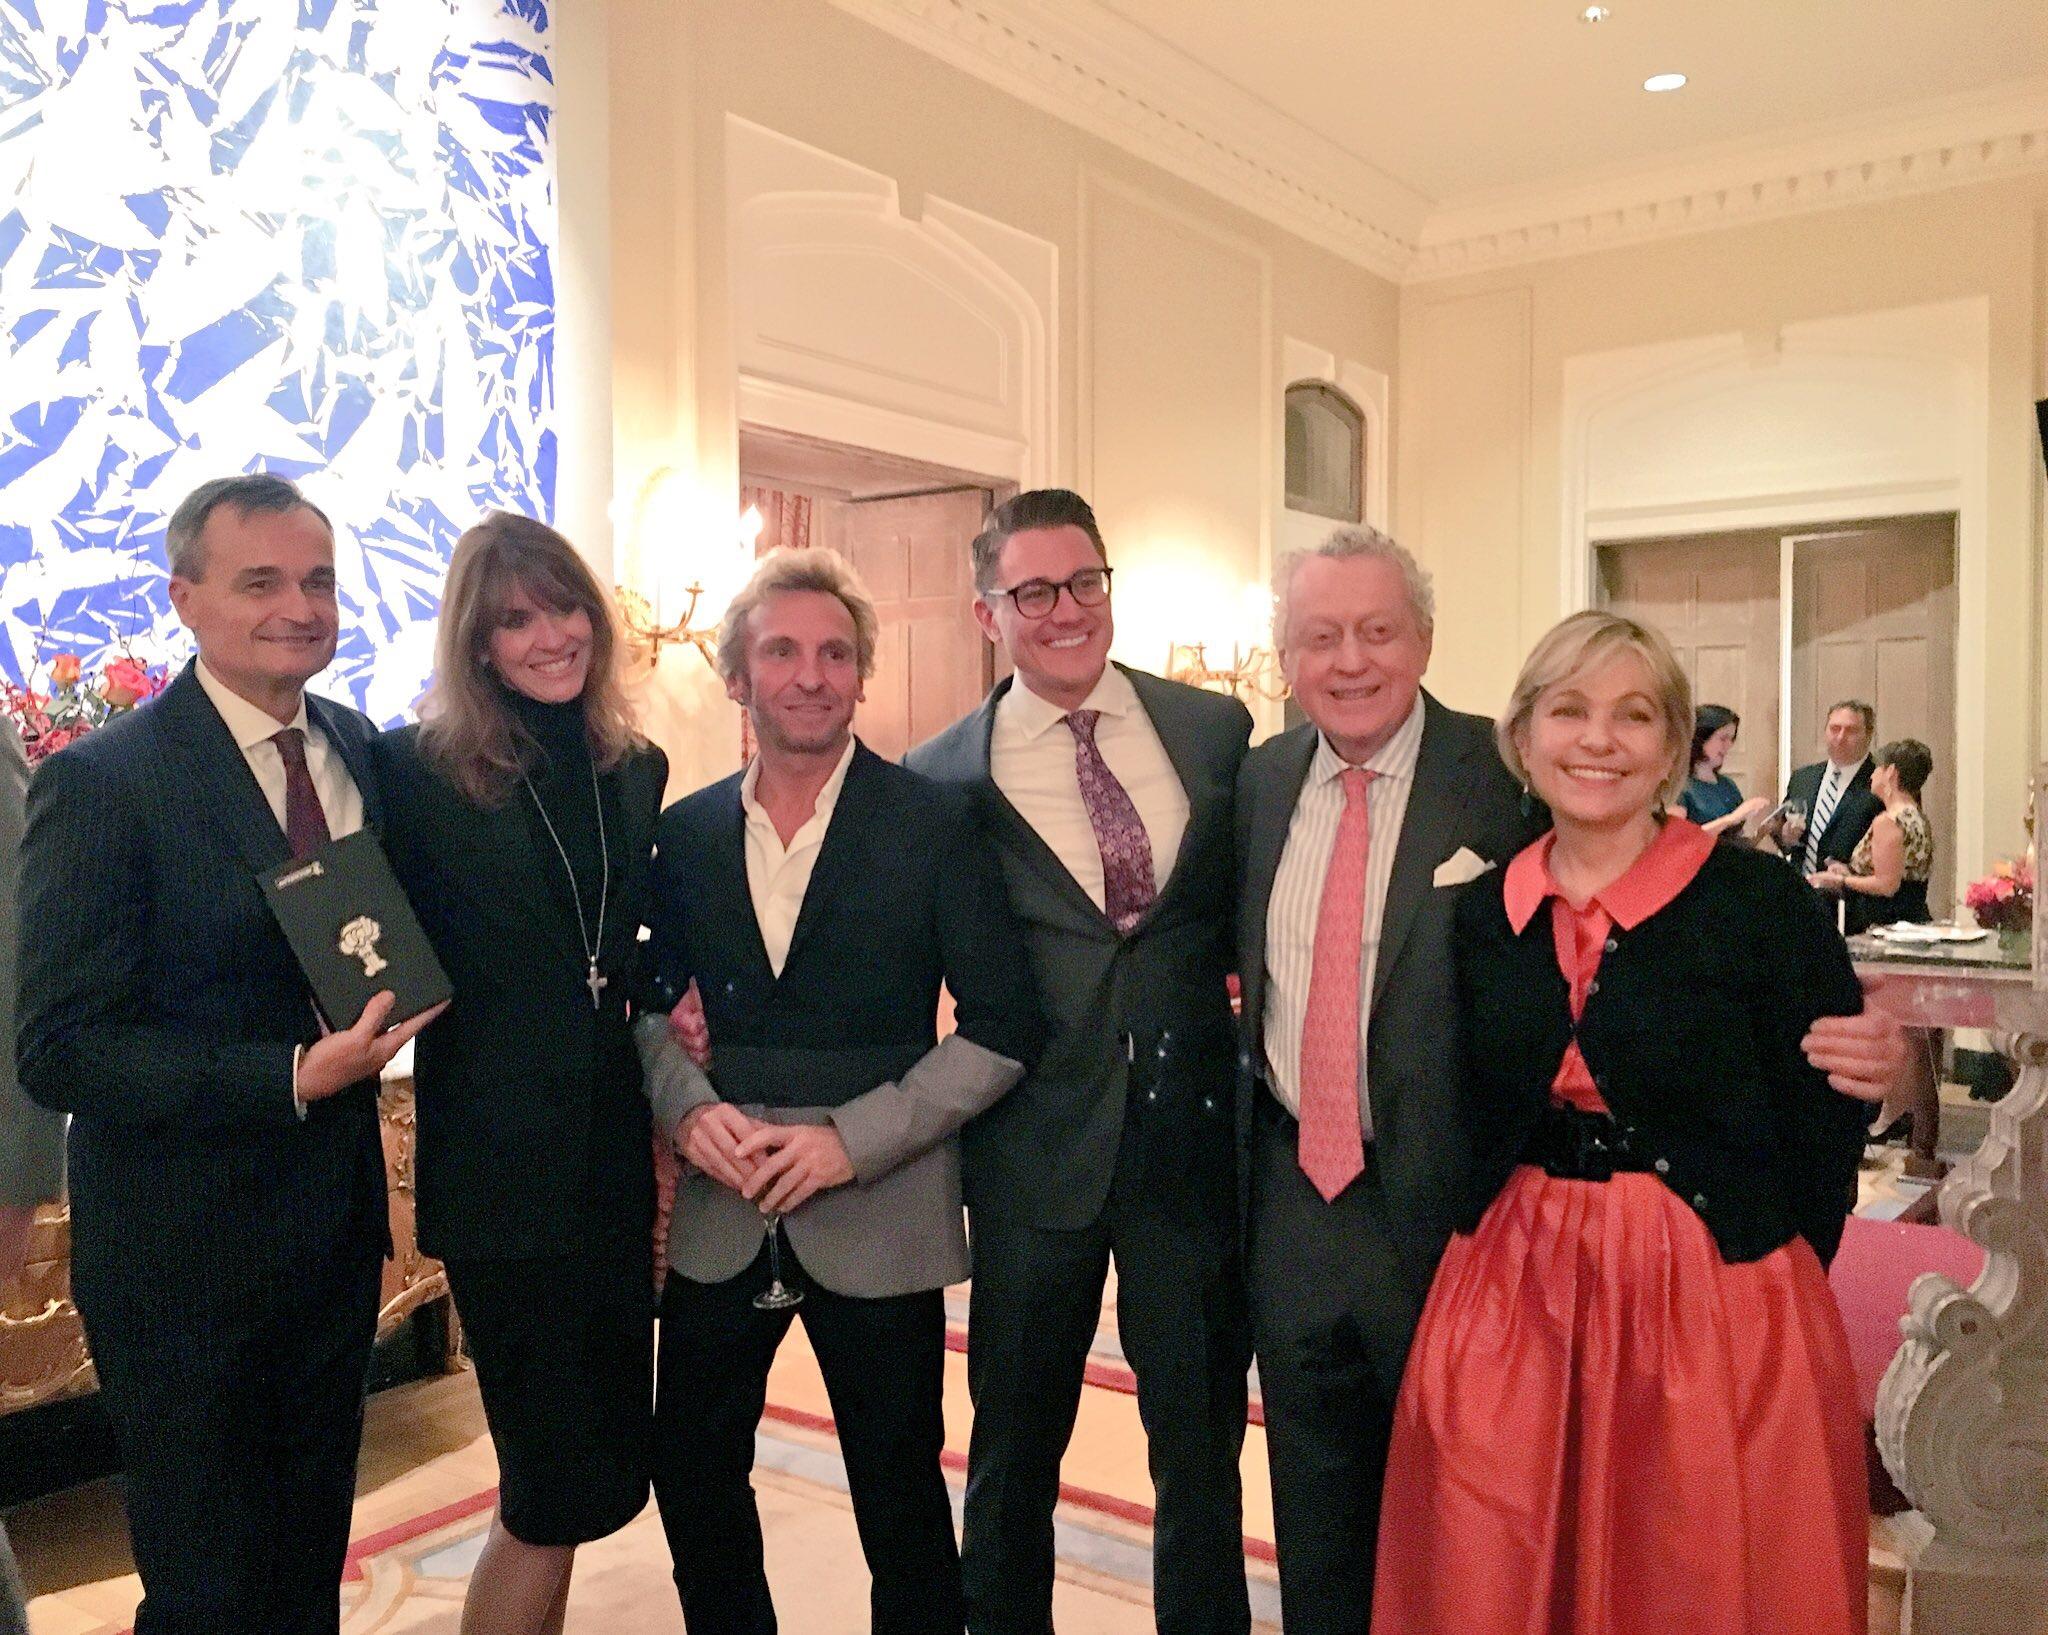 Ambassador Gerard Araud, Social Secretary Francesa Craig and friends